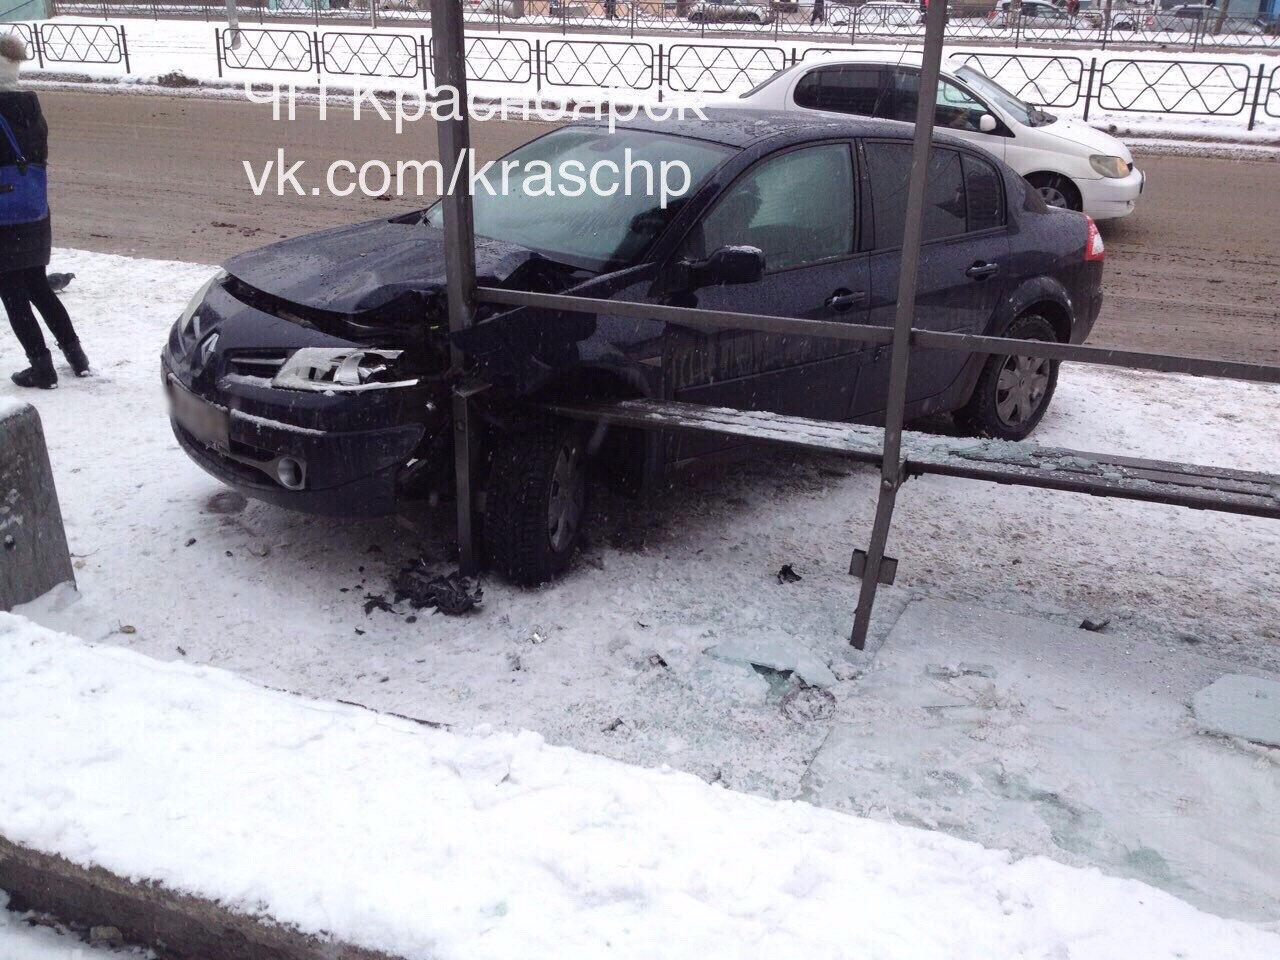 ВКрасноярске водителя Рено занесло востановку: есть пострадавшие